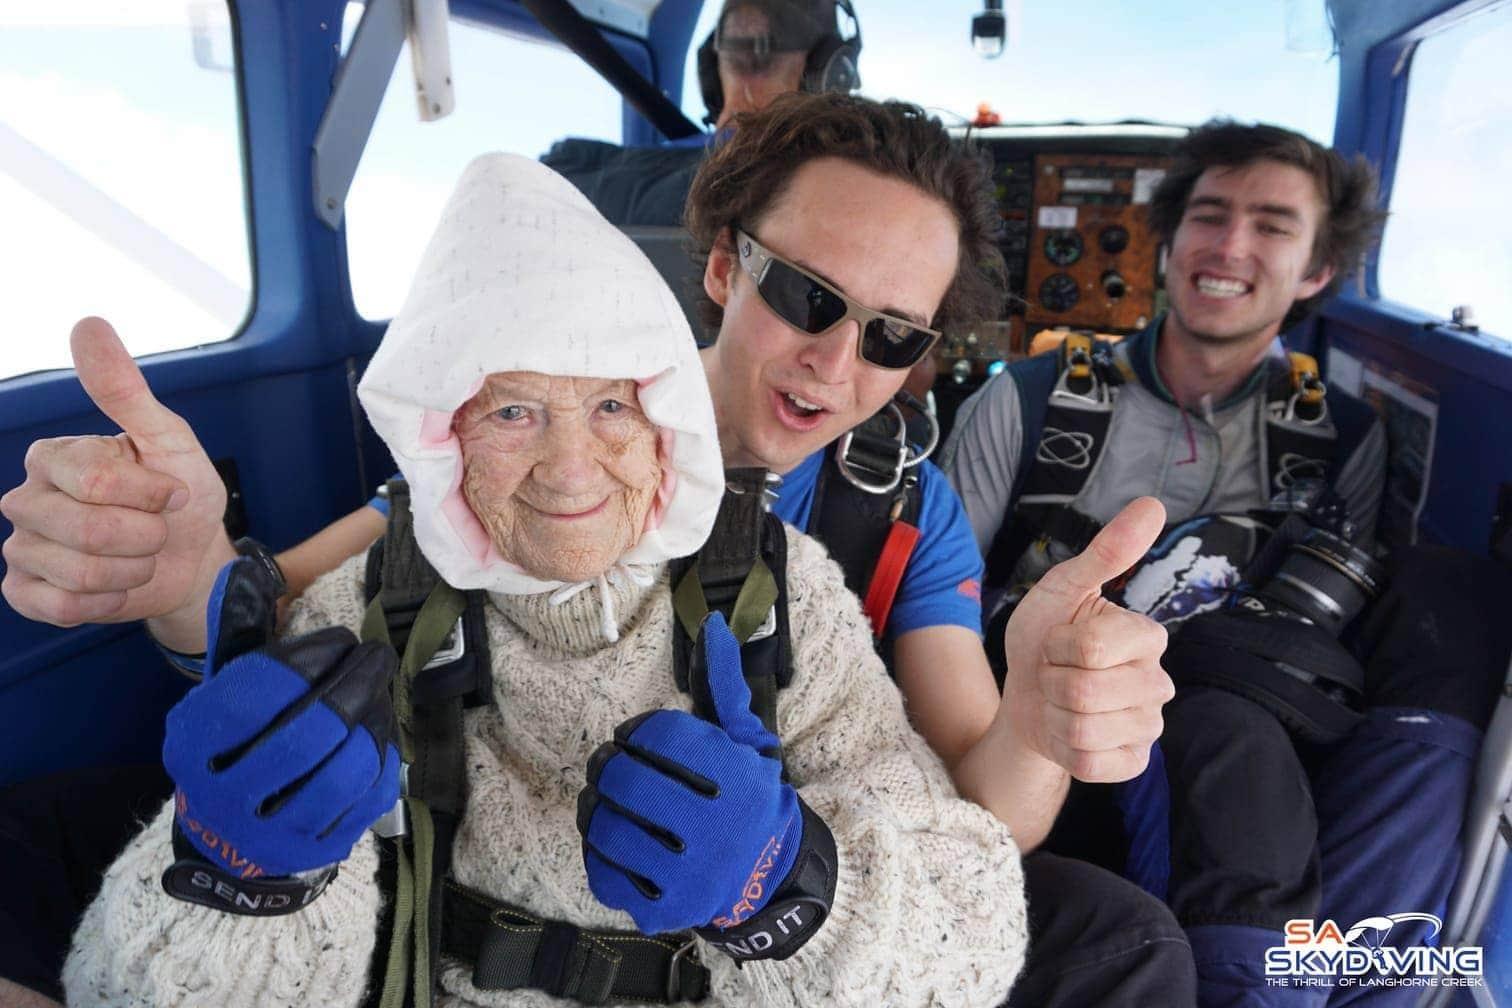 Foto: dpa/Sa Skydiving